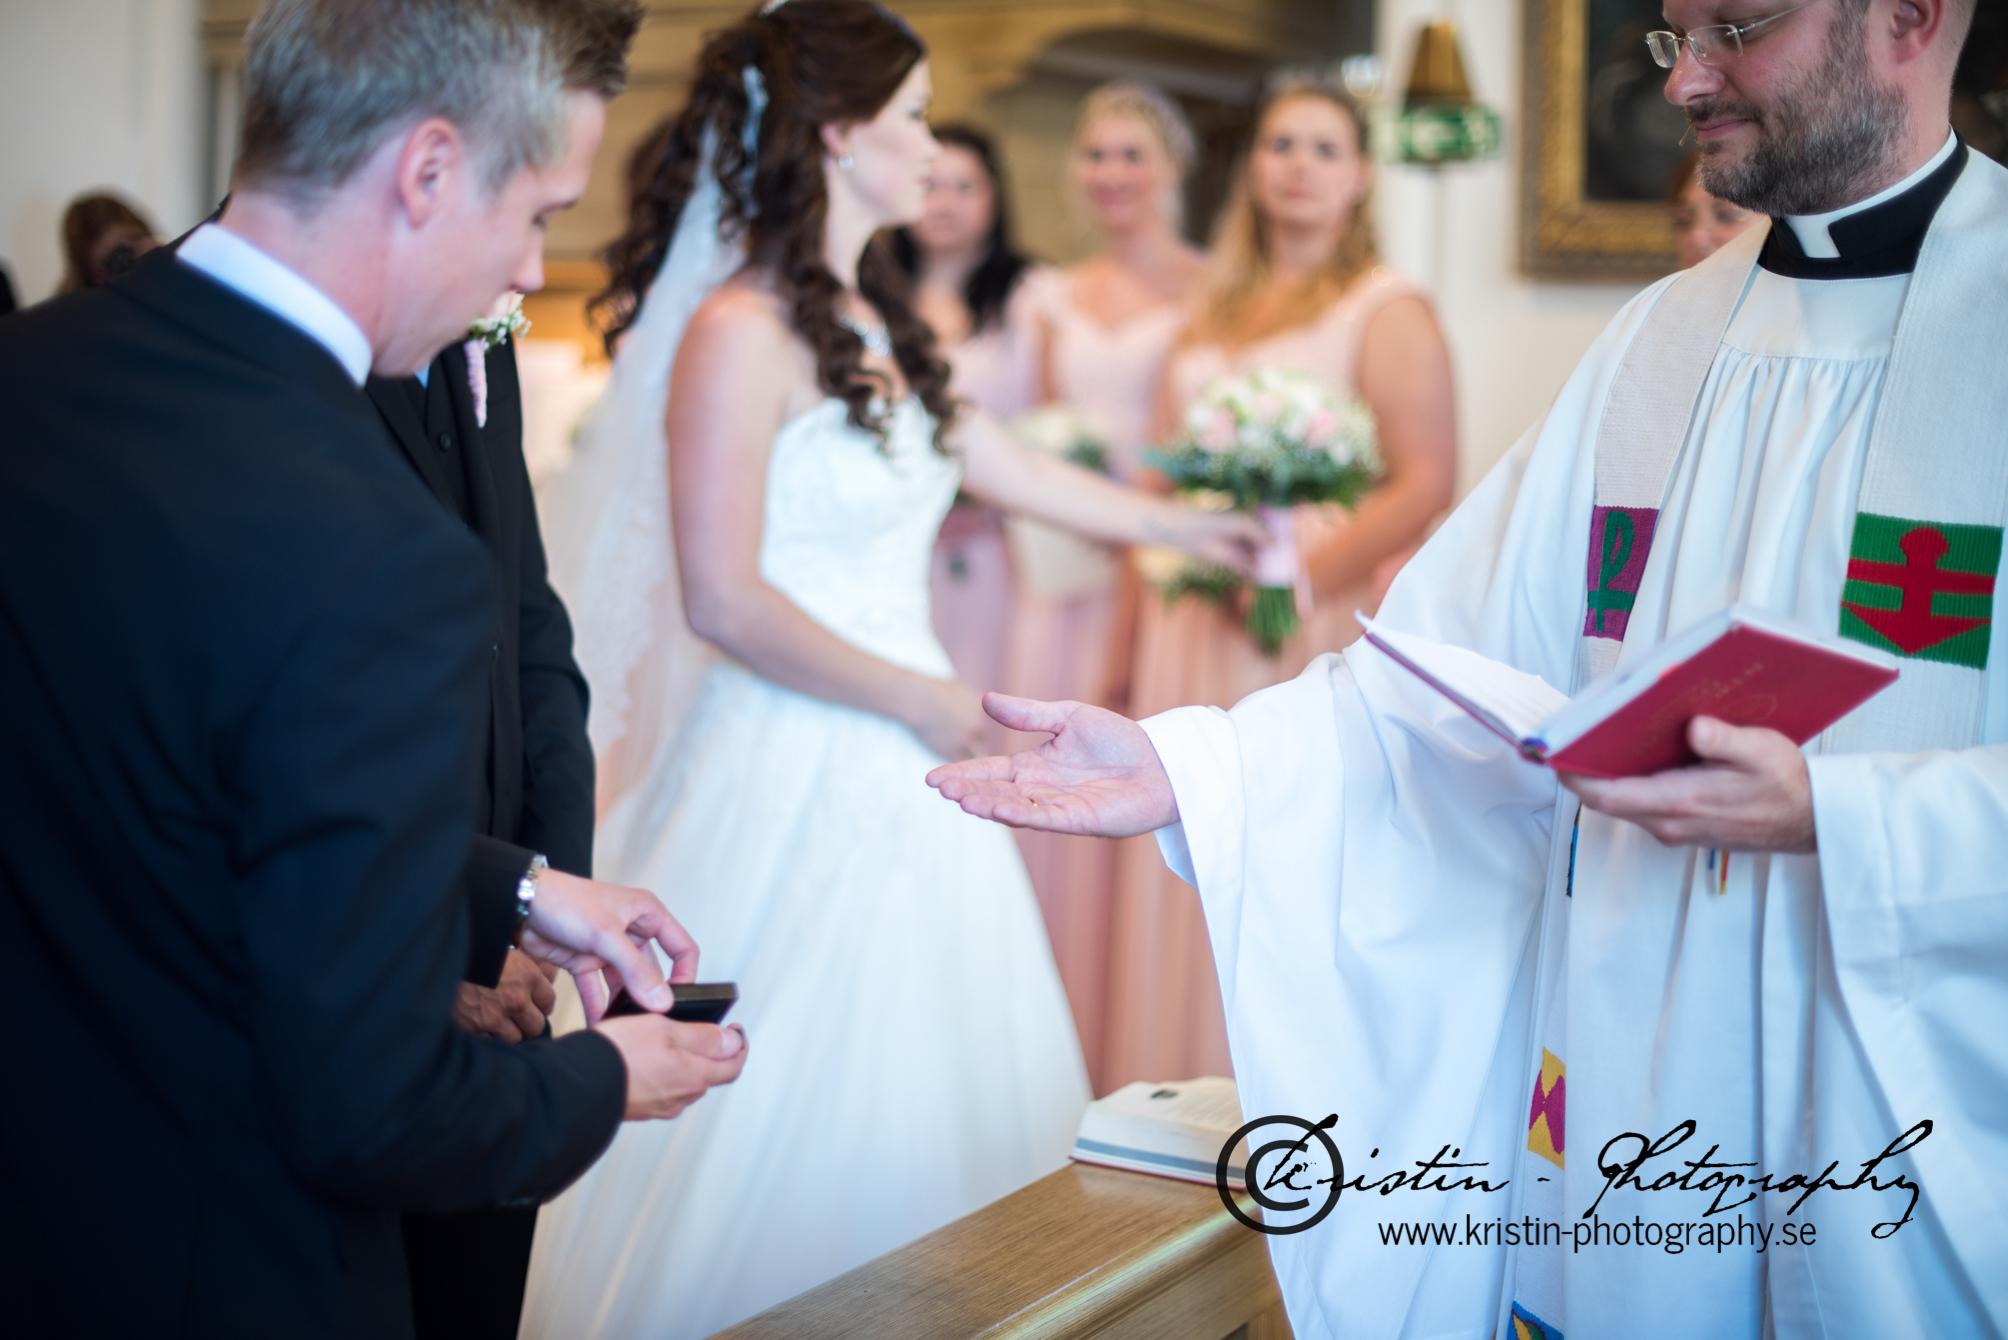 Bröllopsfotograf i Eskilstuna, Kristin - Photography, weddingphotographer -154.jpg